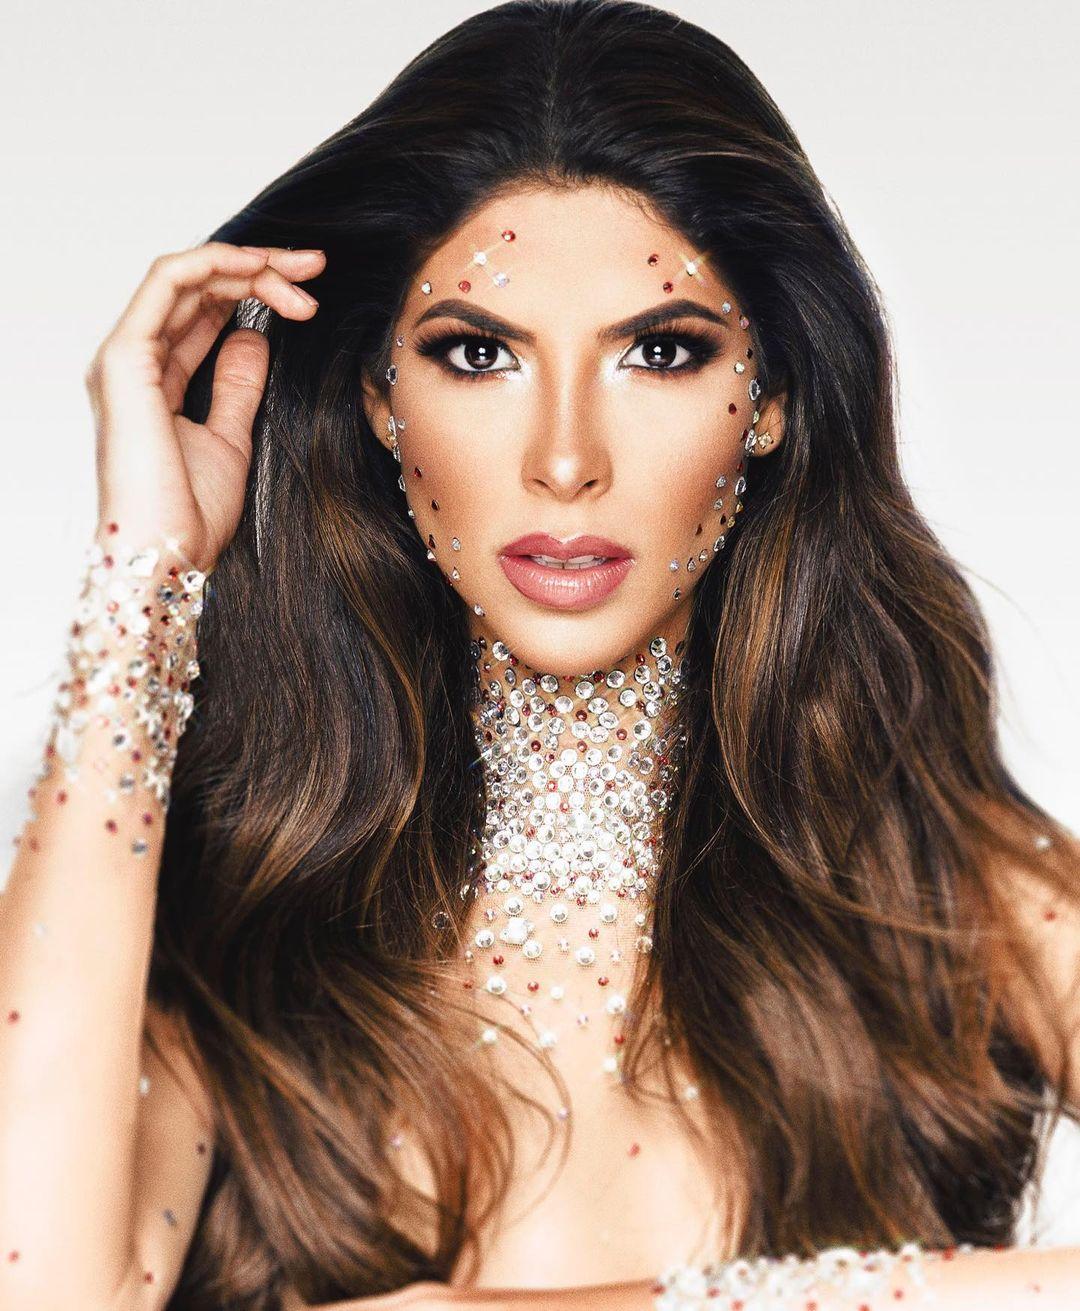 laura olascuaga, top 21 de miss universe 2020. - Página 3 Laurao36